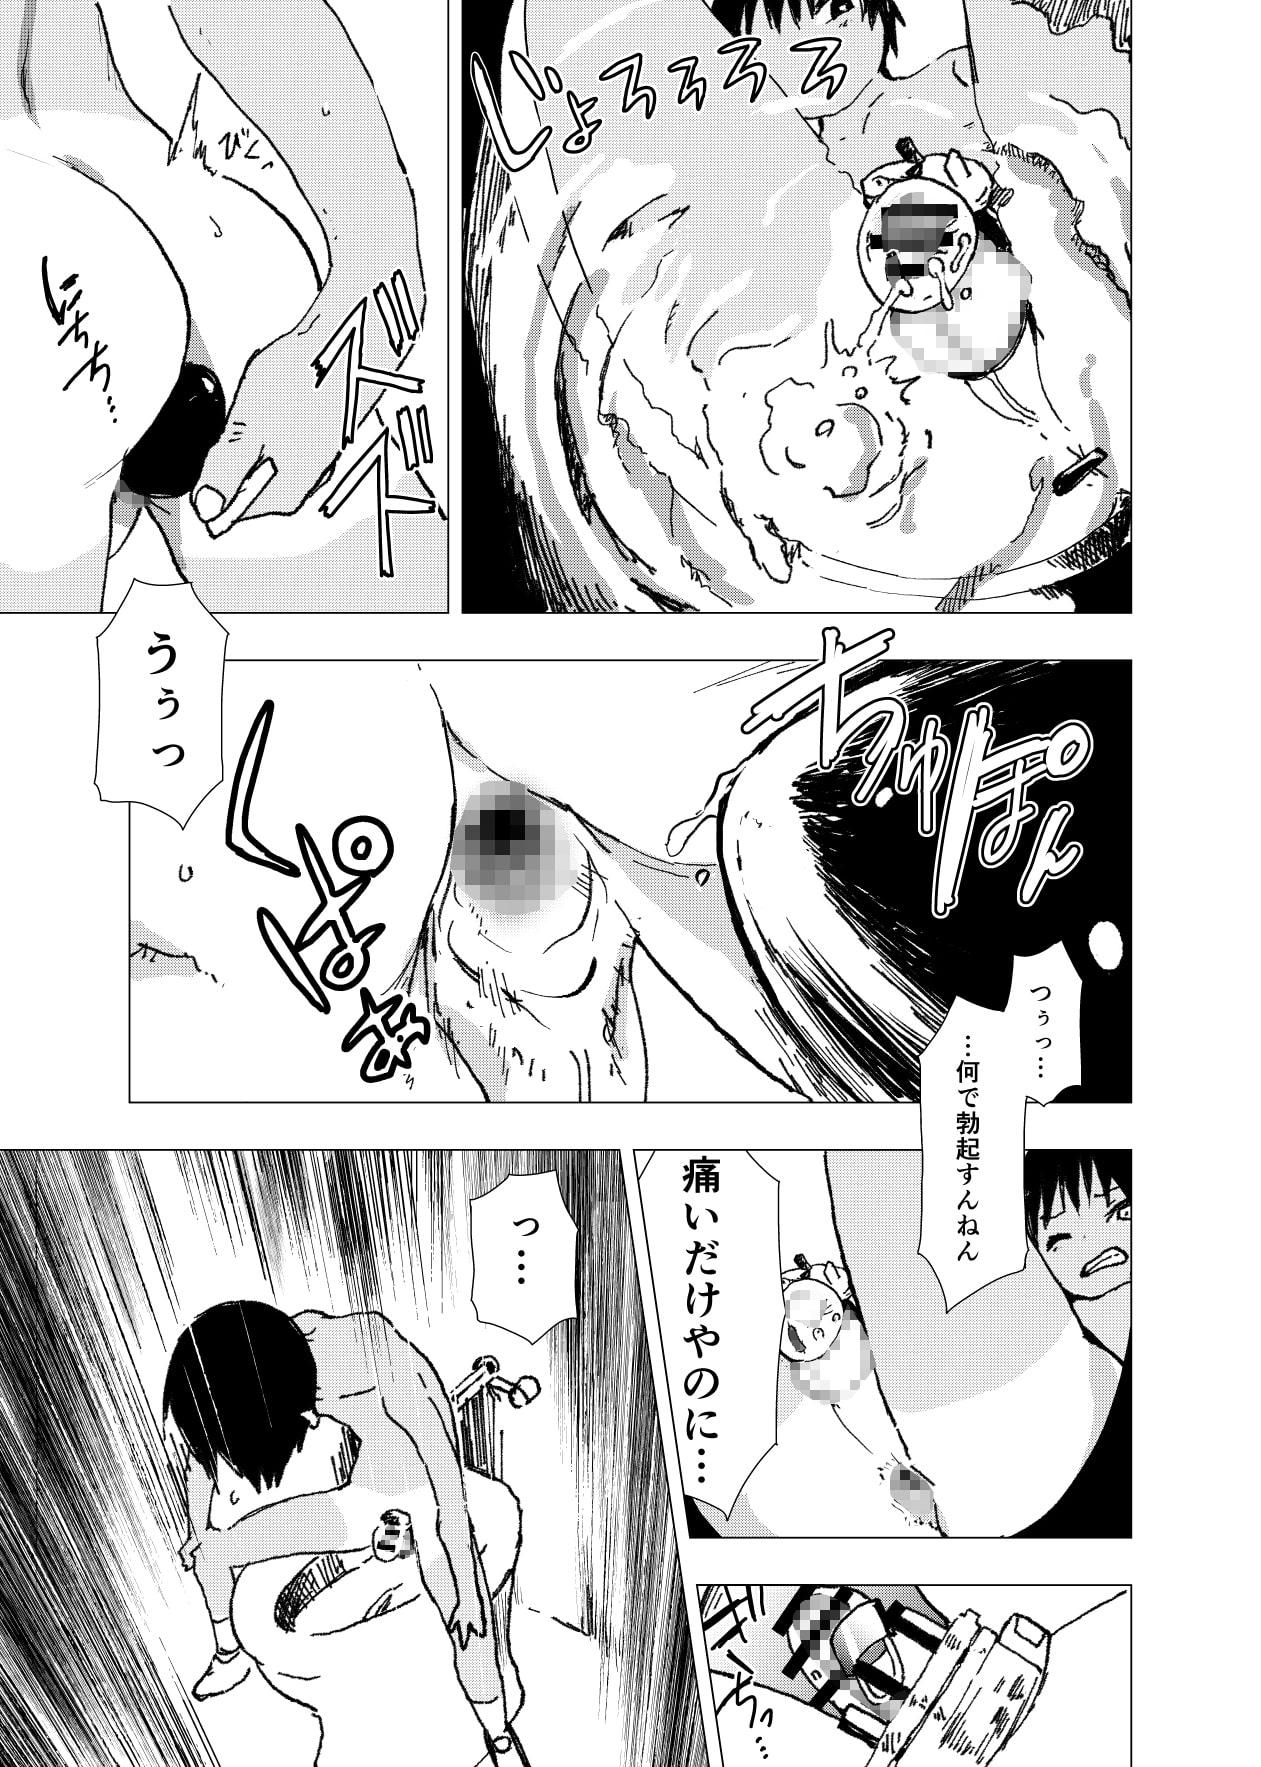 田舎の受け少年と都会の攻め少年のエロ漫画【11話】